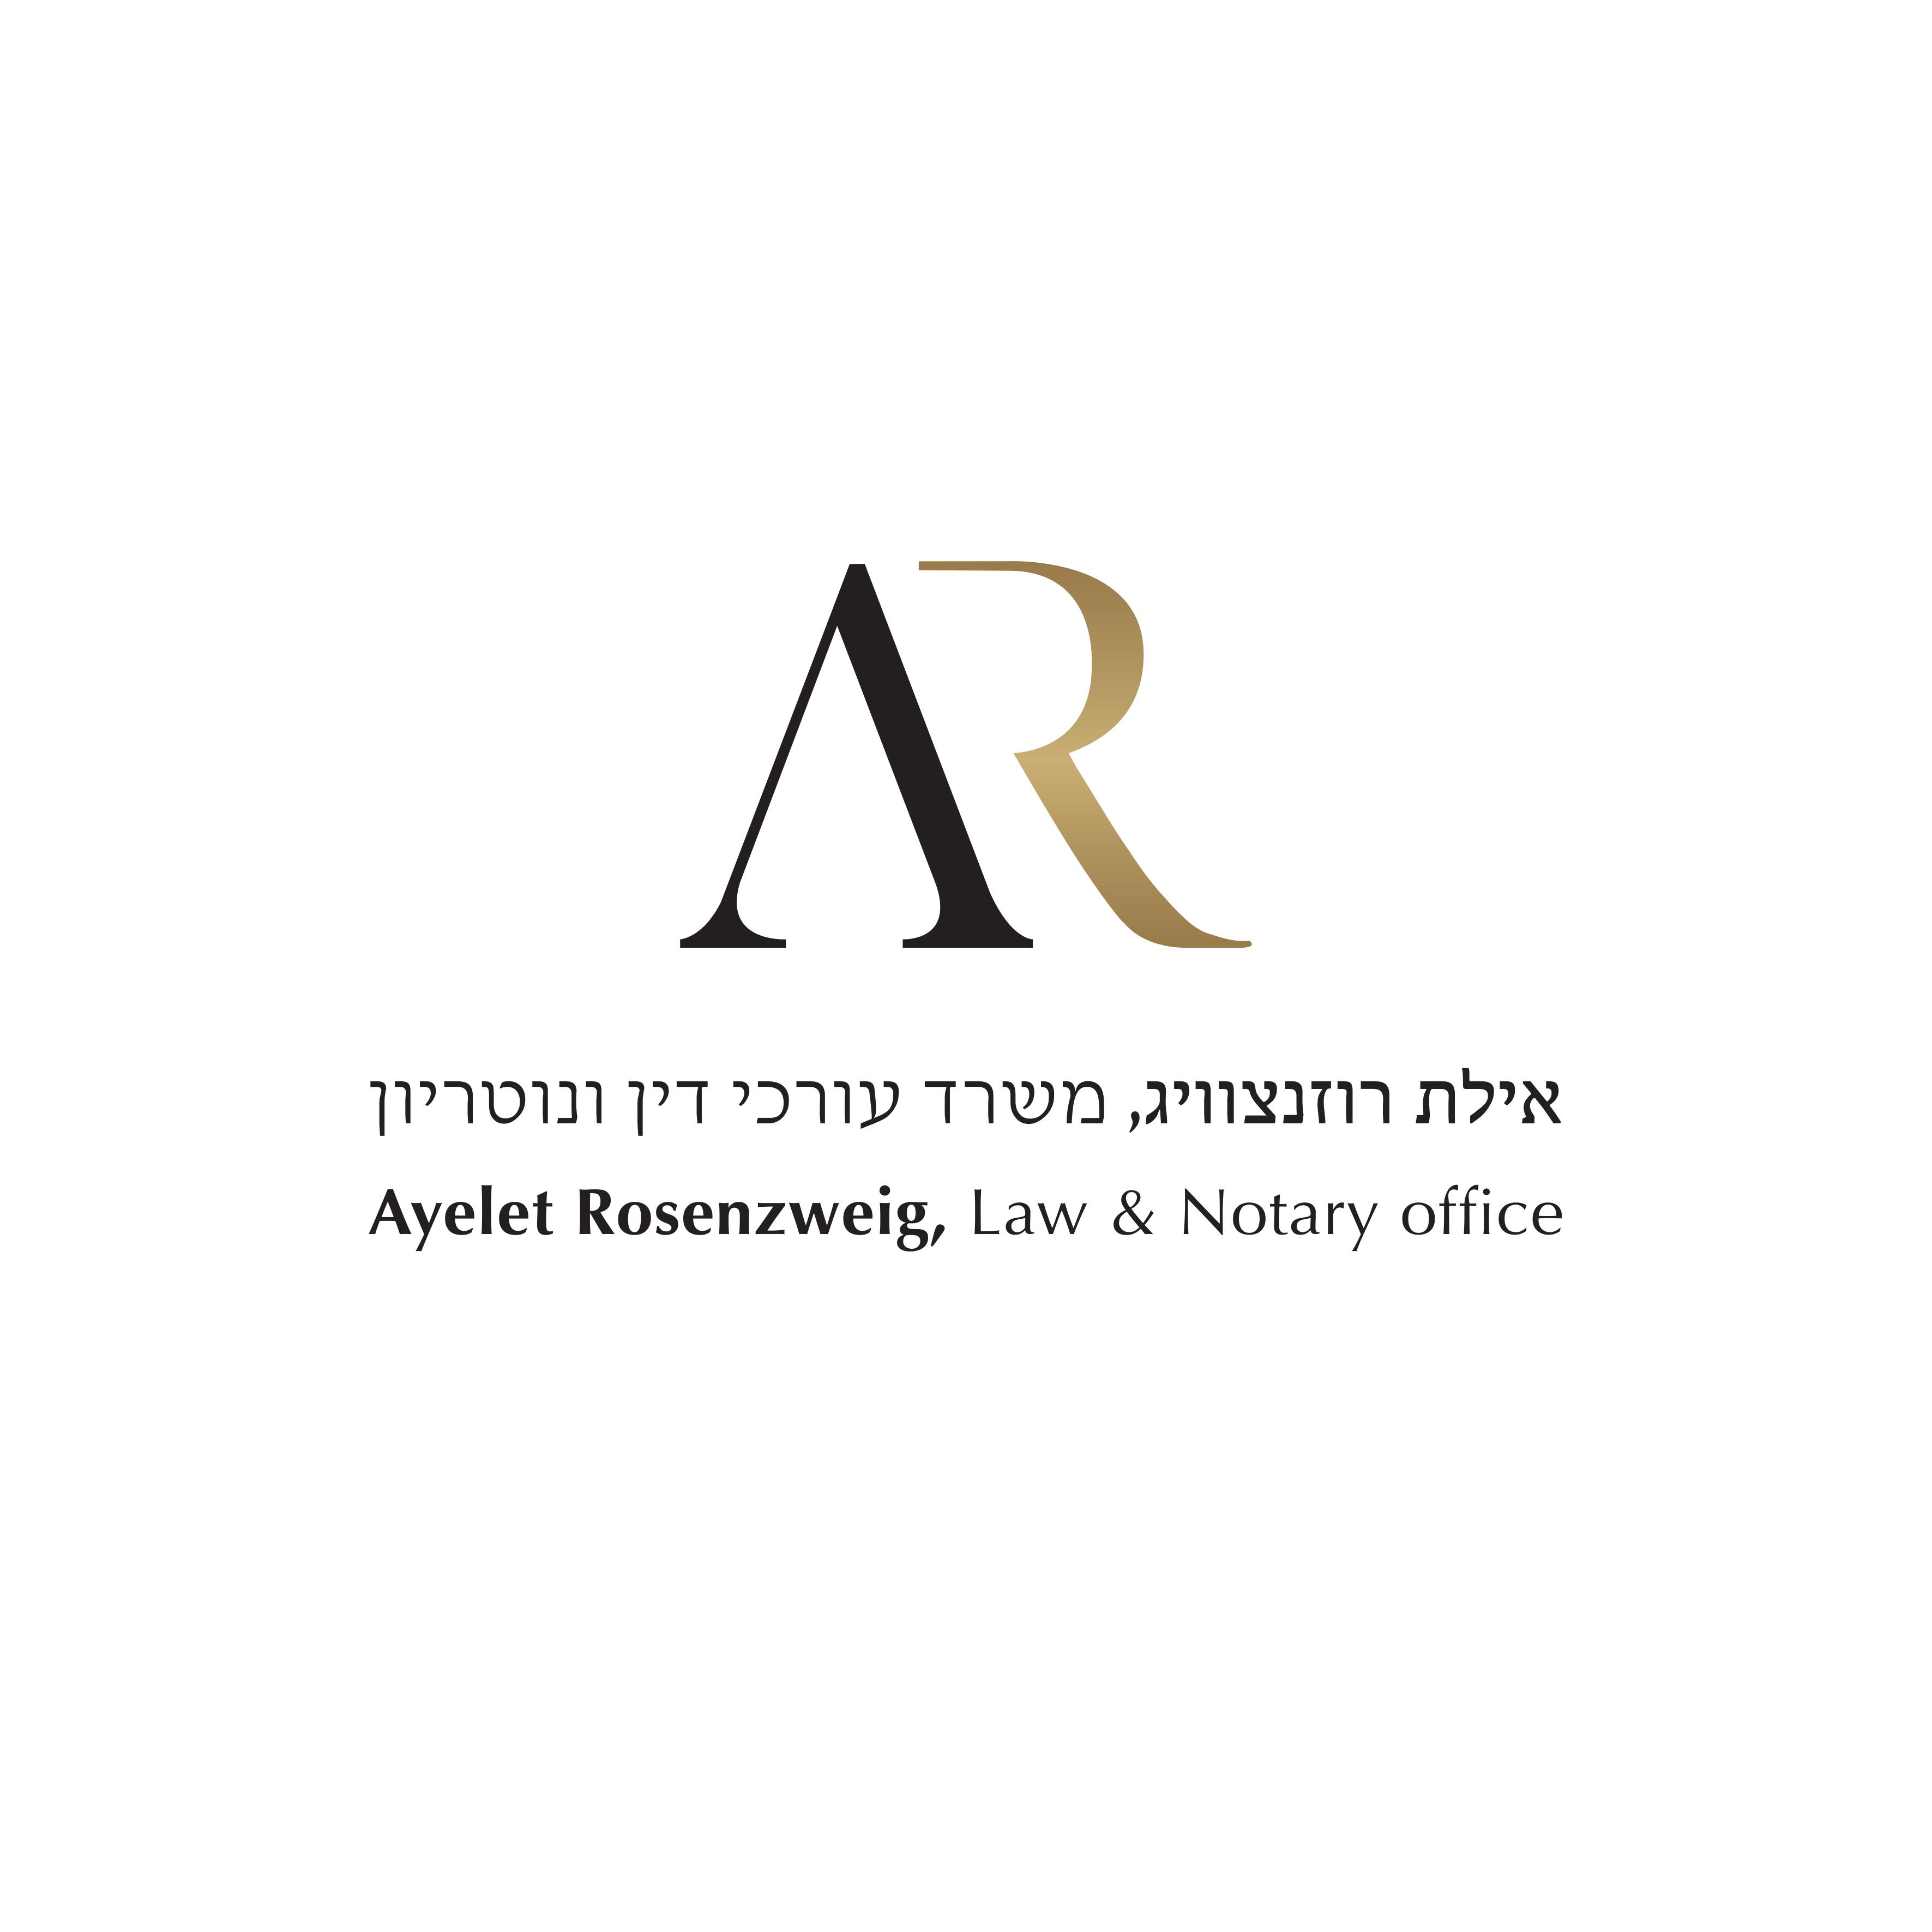 לוגו לעורכת דין